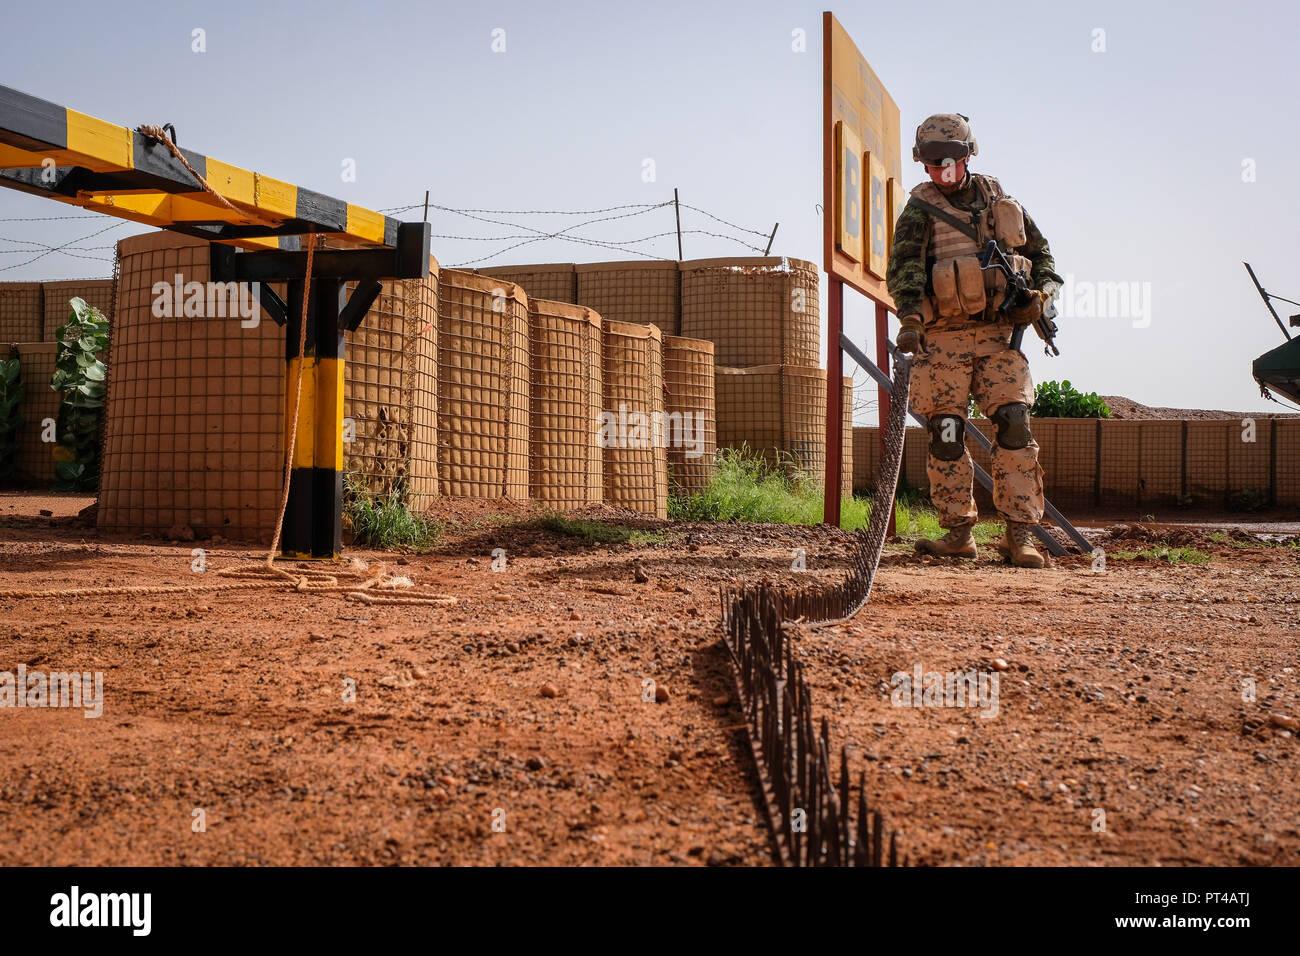 Estonian infantry platoon ESTPLA-26, participating in French-led Operation Barkhane in the West African country of Mali, commenced their primary task of manning entrances and control posts at the Gao base in the northeast of the country. Gao - Mali - august 2018. Le peloton d'infanterie estonien ESTPLA-26, qui participe à l'opération Barkhane, dirigée par des Français, au Mali, pays d'Afrique de l'Ouest, a commencé sa mission principale d'entrées et de postes de contrôle dans la base de Gao, au nord-est du pays. Gao - Mali - août 2018. Stock Photo